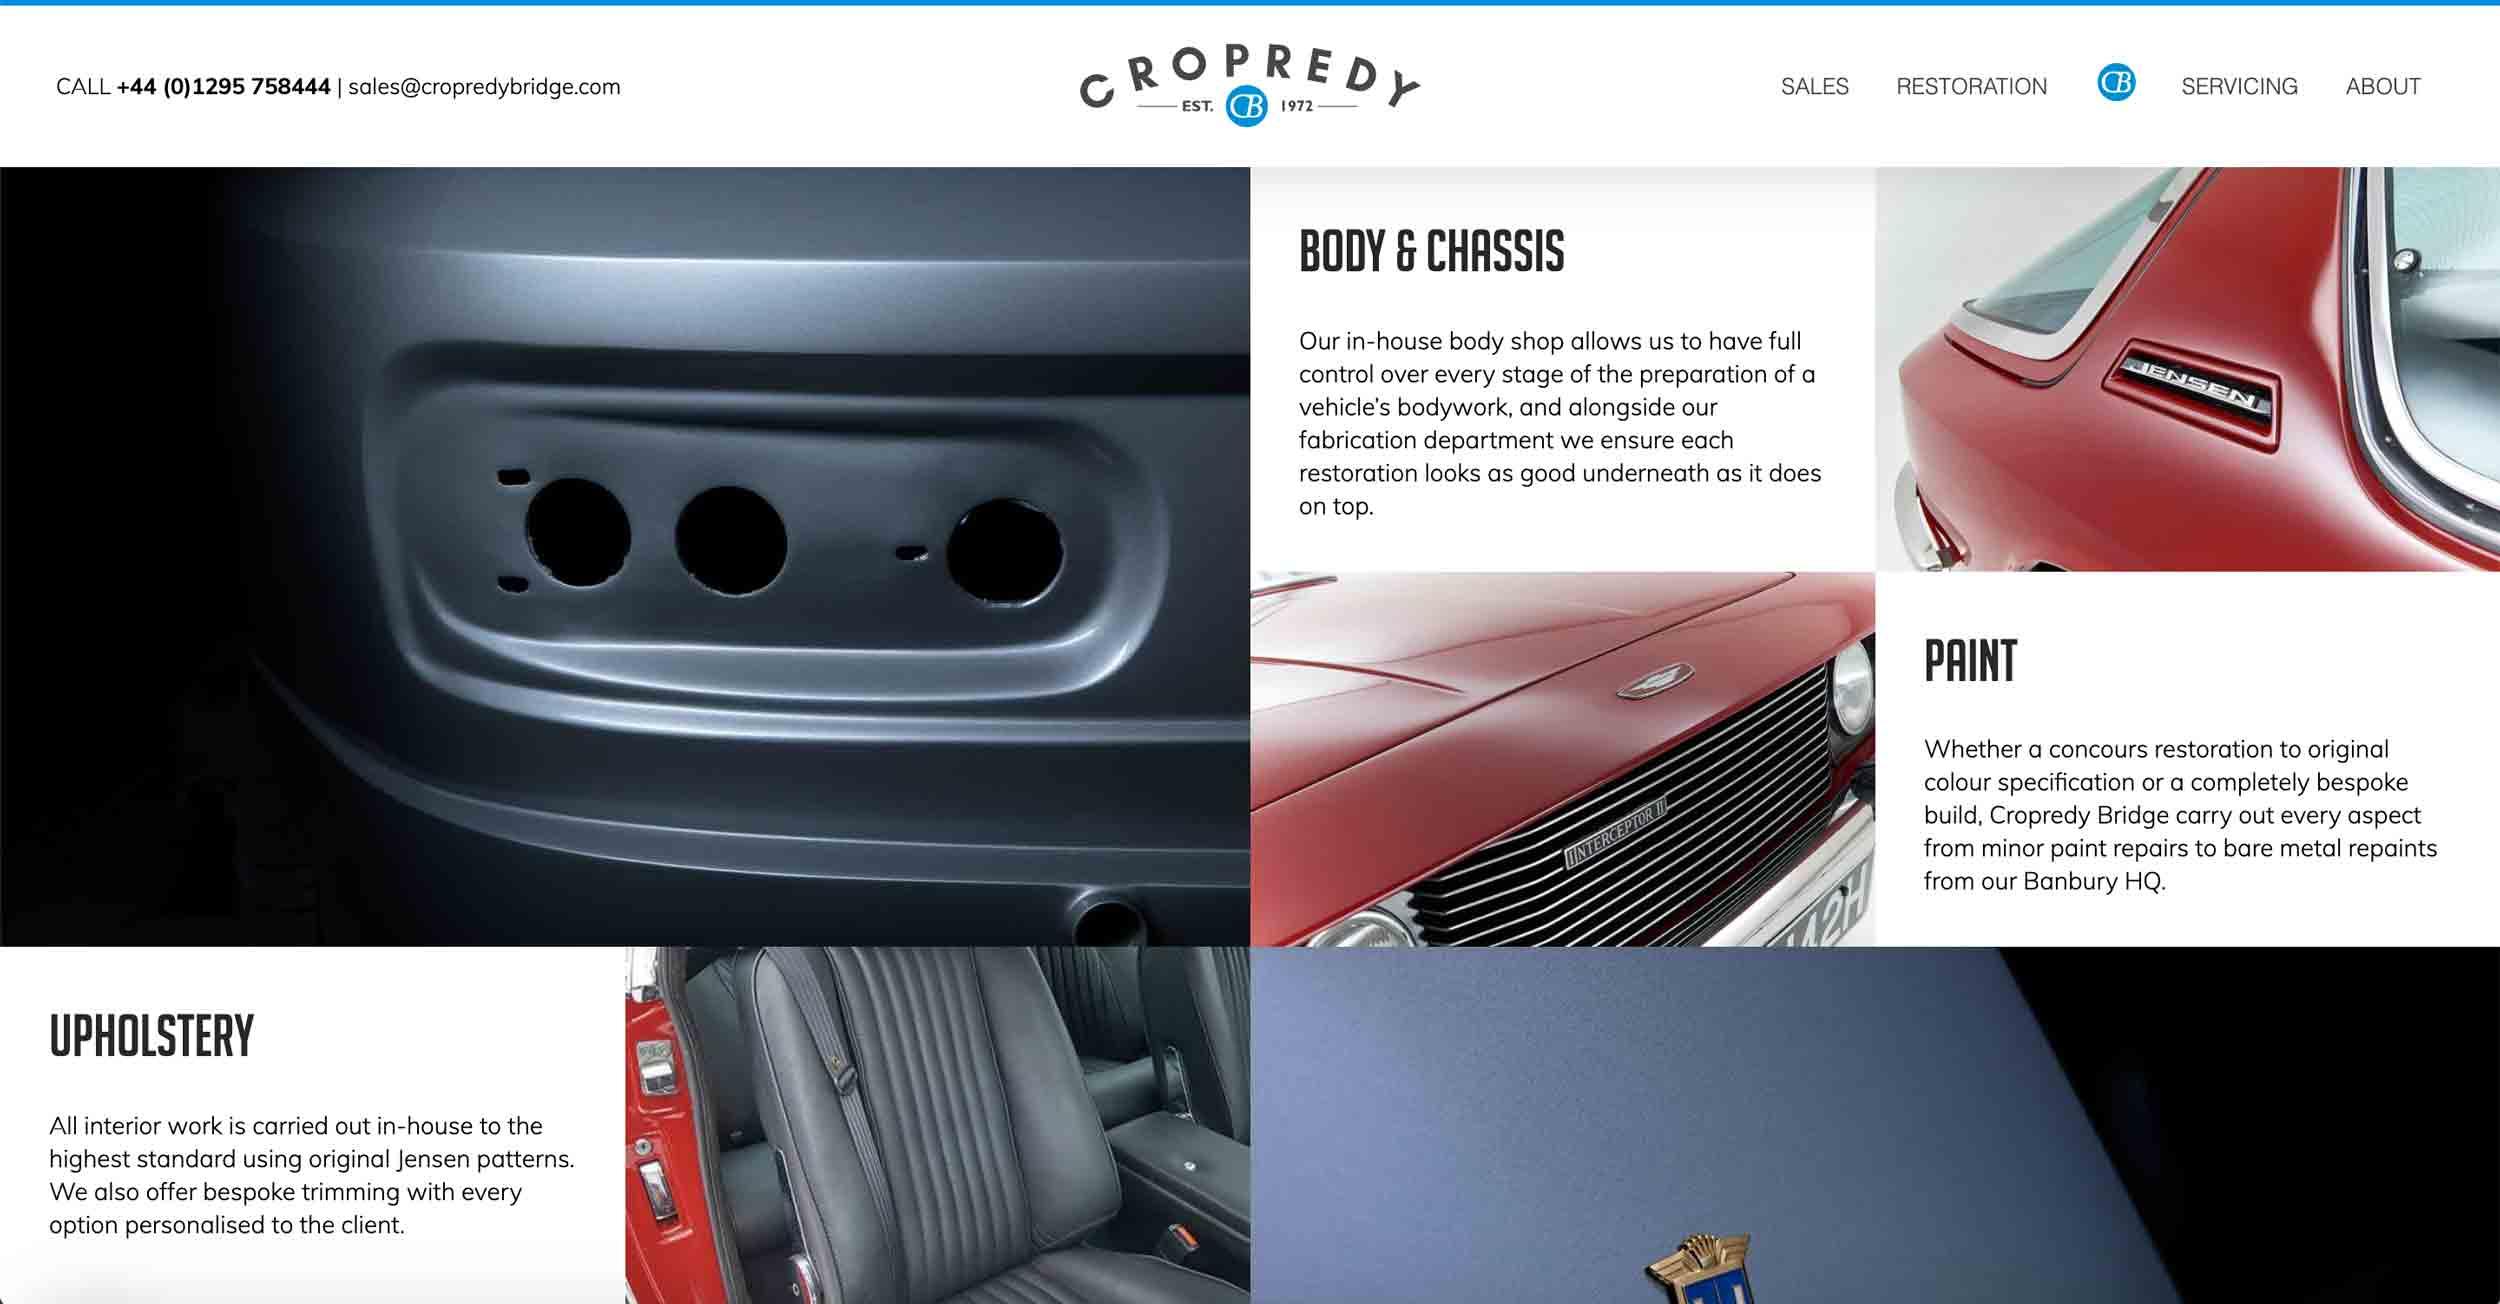 copredy bridge garage website development car restoration page design content